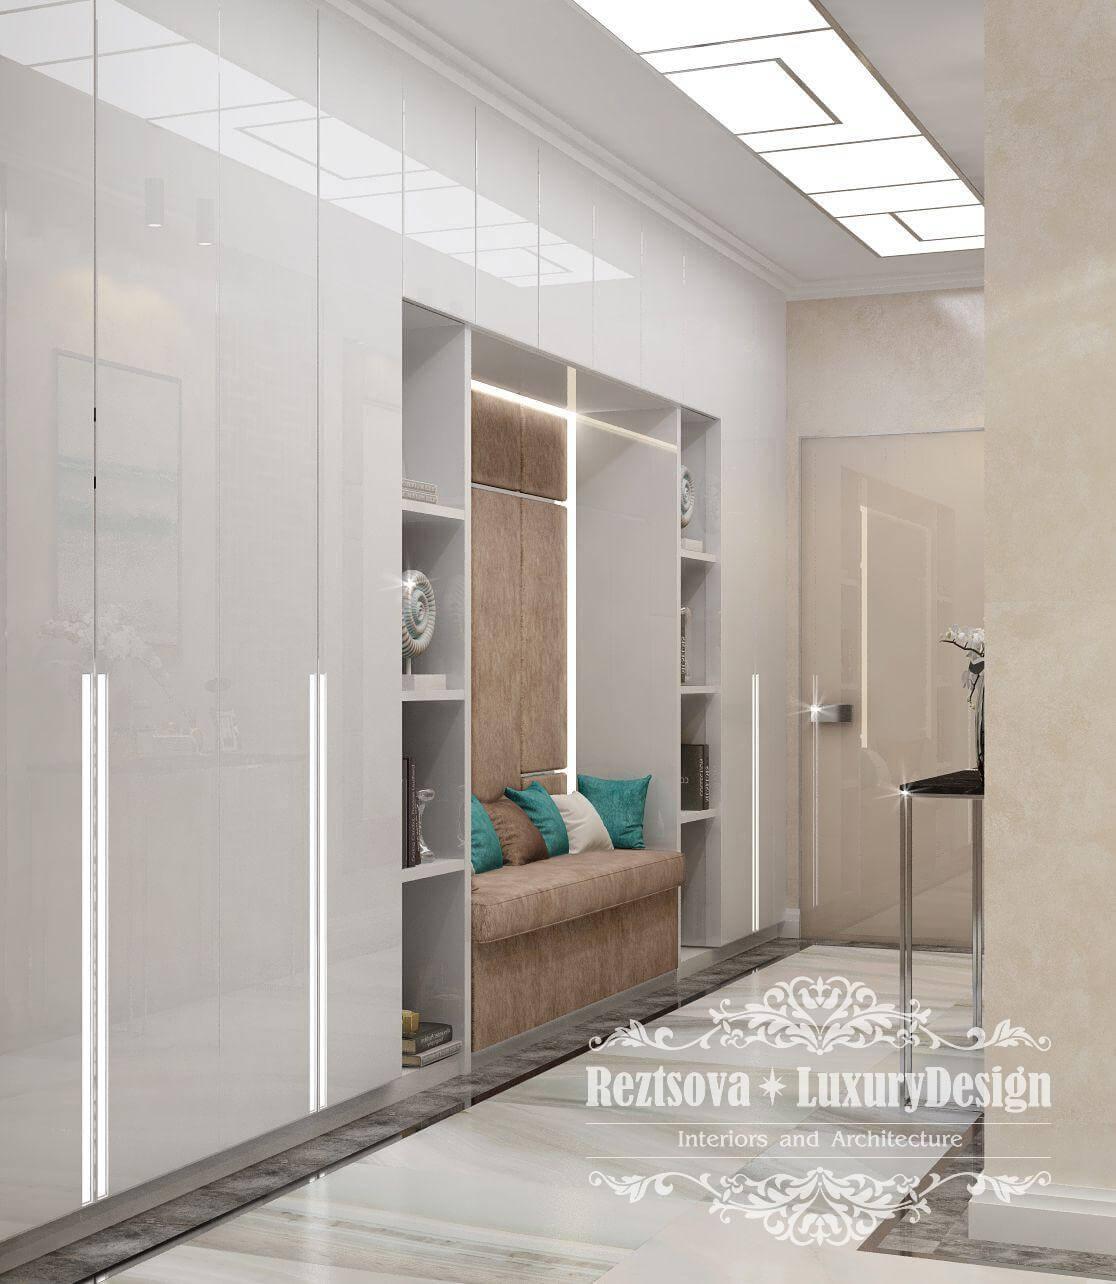 Дизайн интерьера квартиры дорого